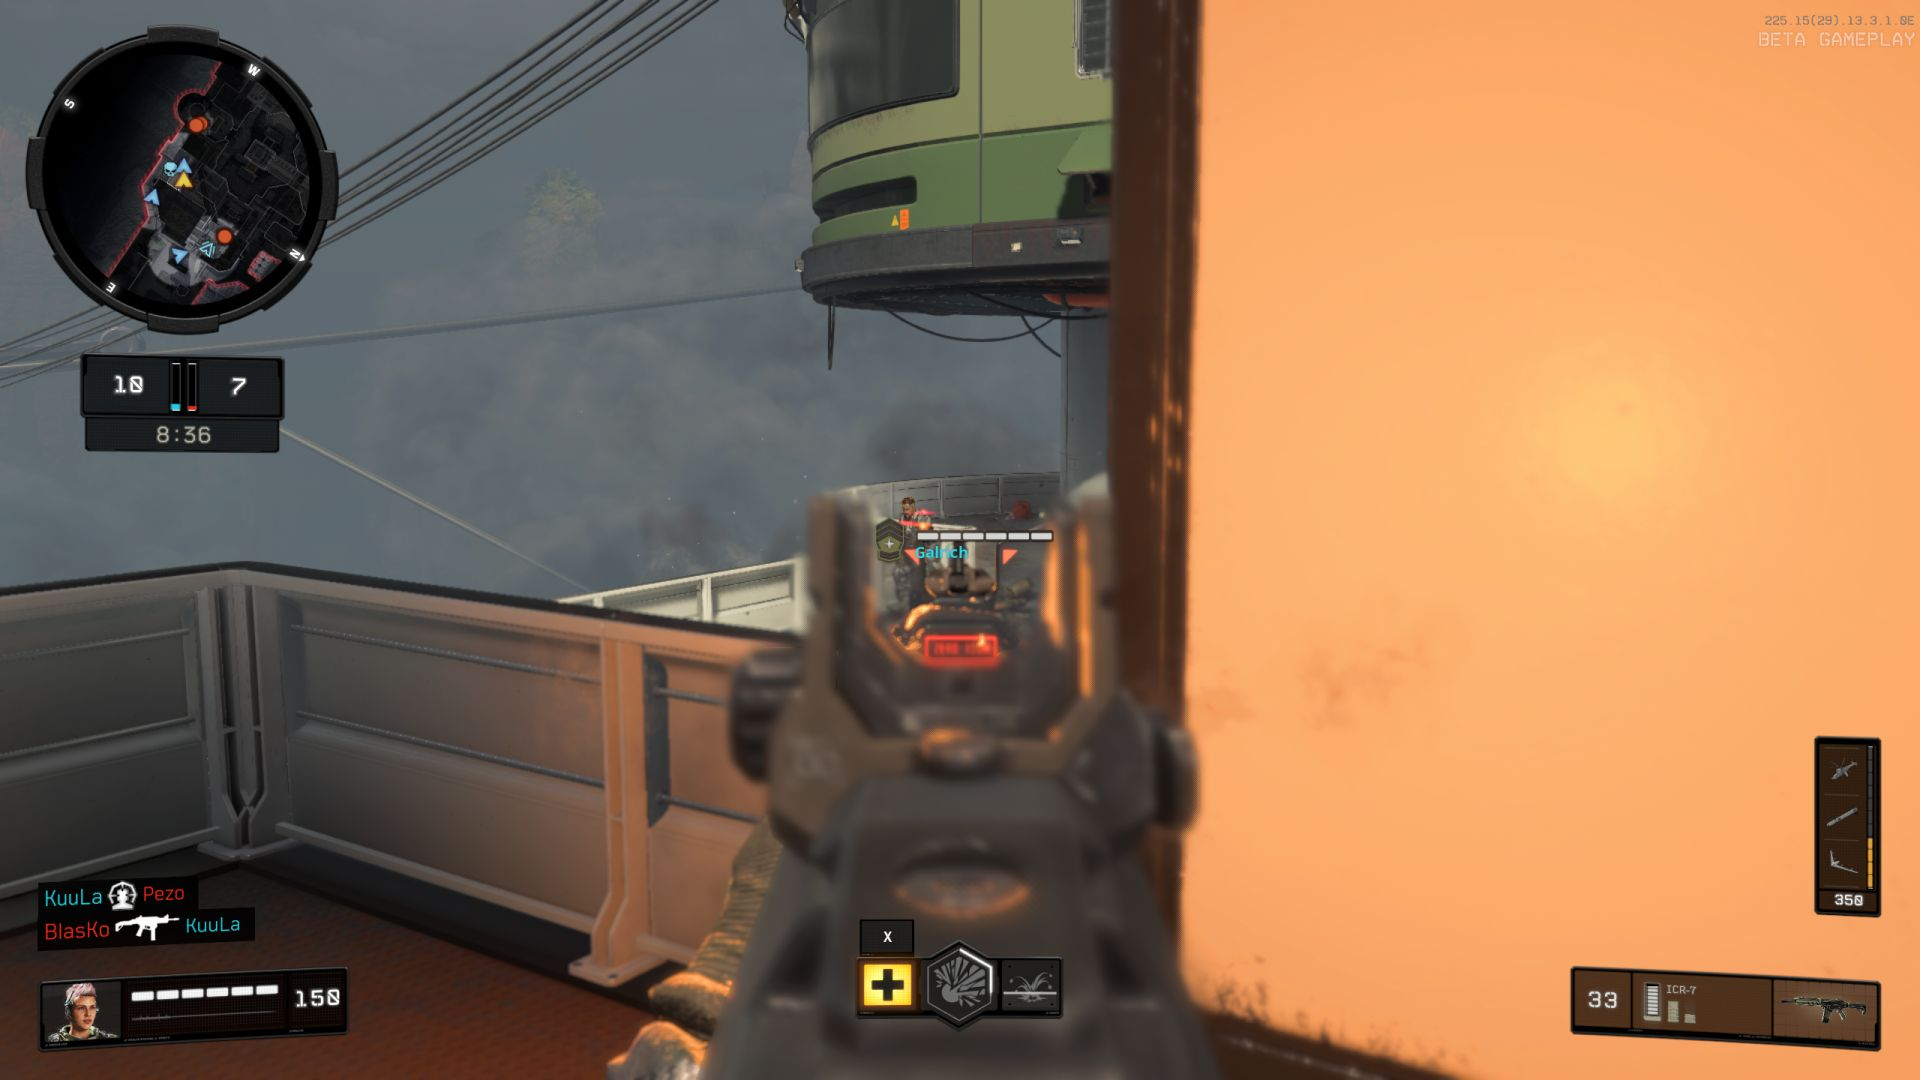 Czy seria Call of Duty wreszcie staje na nogi? Wrażenia z otwartej bety Call of Duty: Black Ops IIII na PC